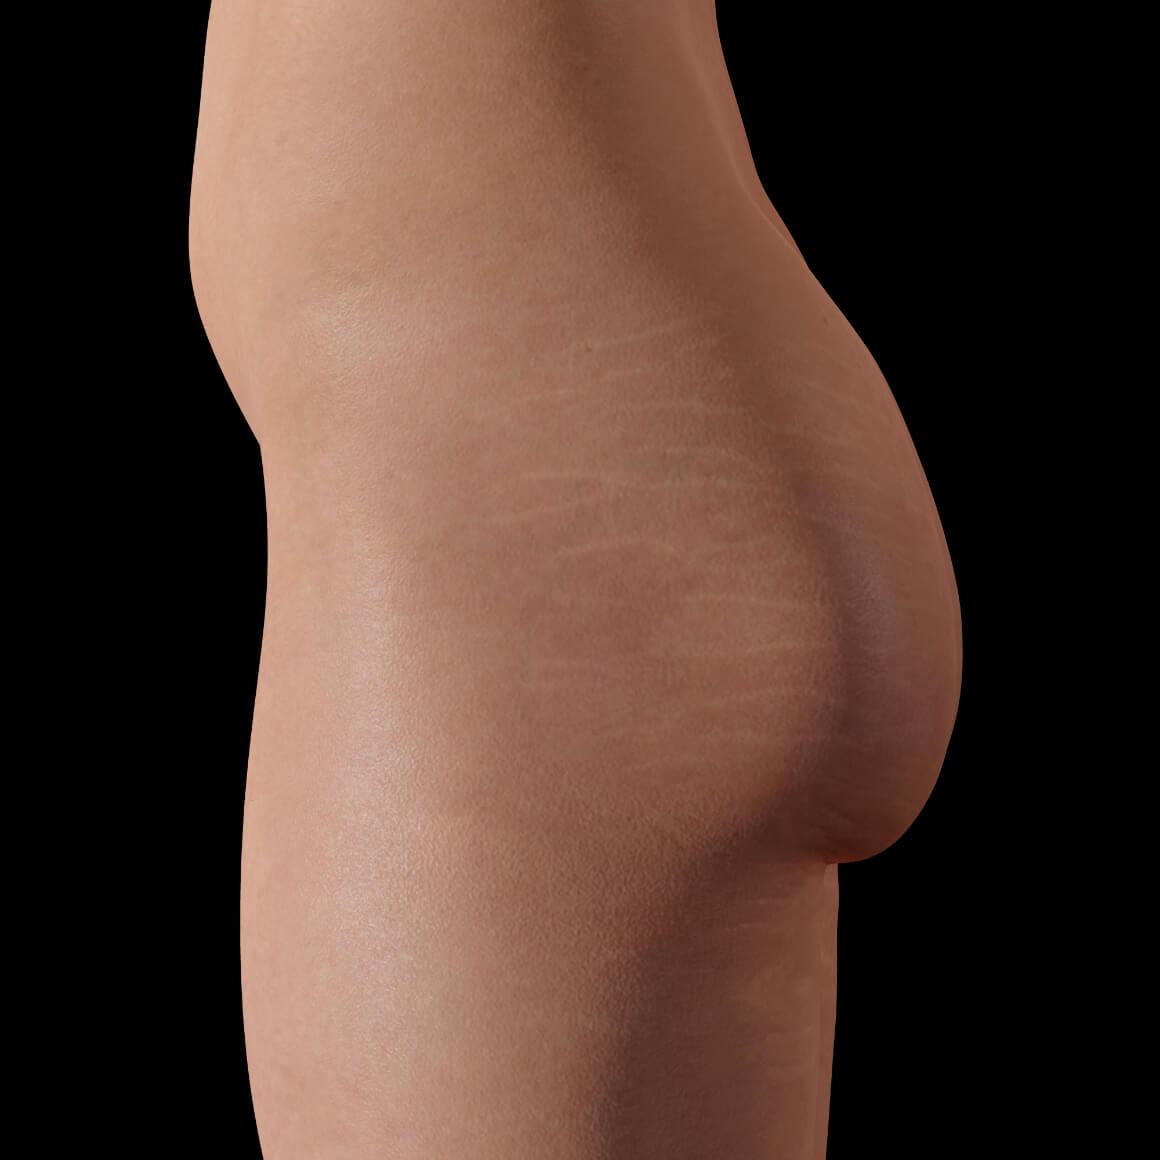 Une patiente de la Clinique Chloé de côté après des traitements de PRP contre les vergetures sur les fesses et les cuisses